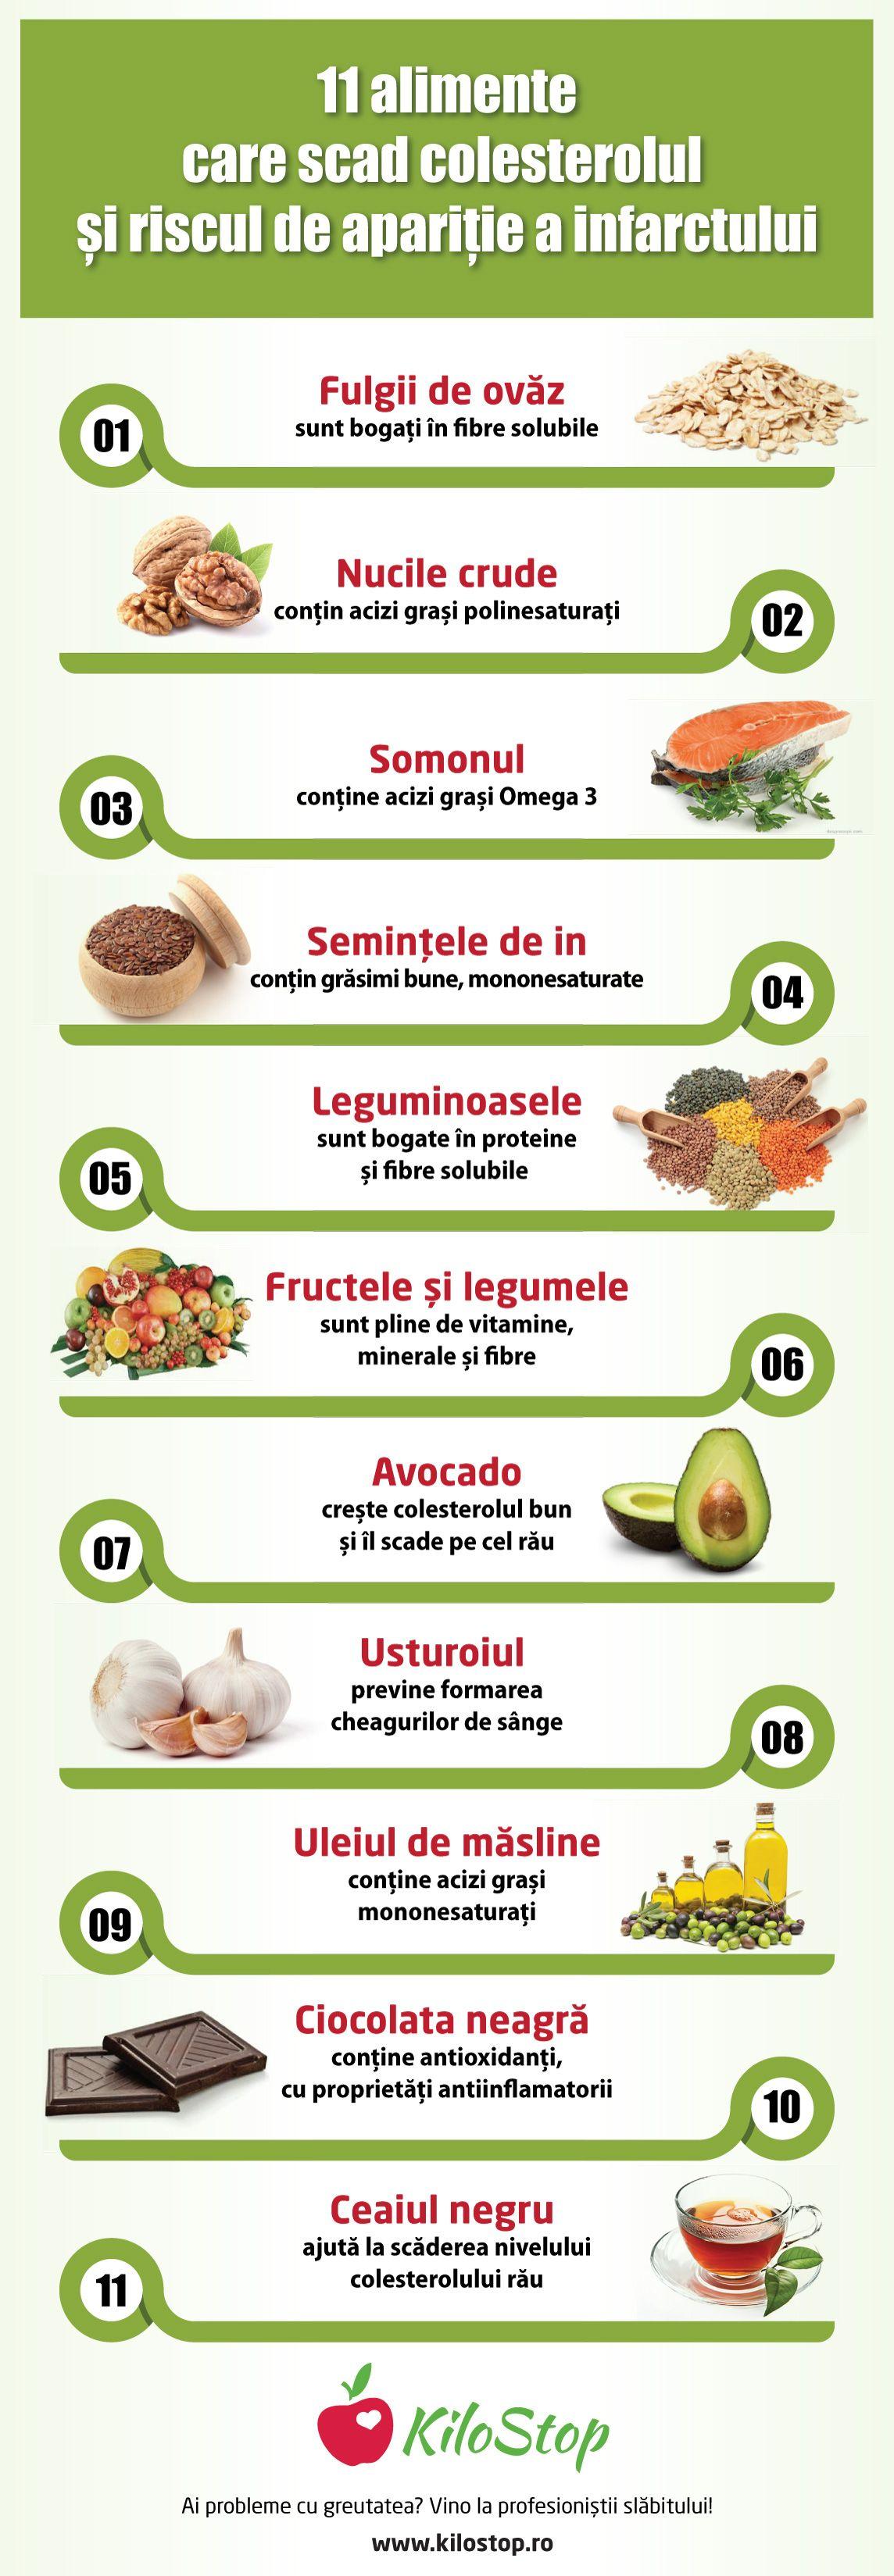 Pierderea în greutate și dieta | terraagroinvest.ro